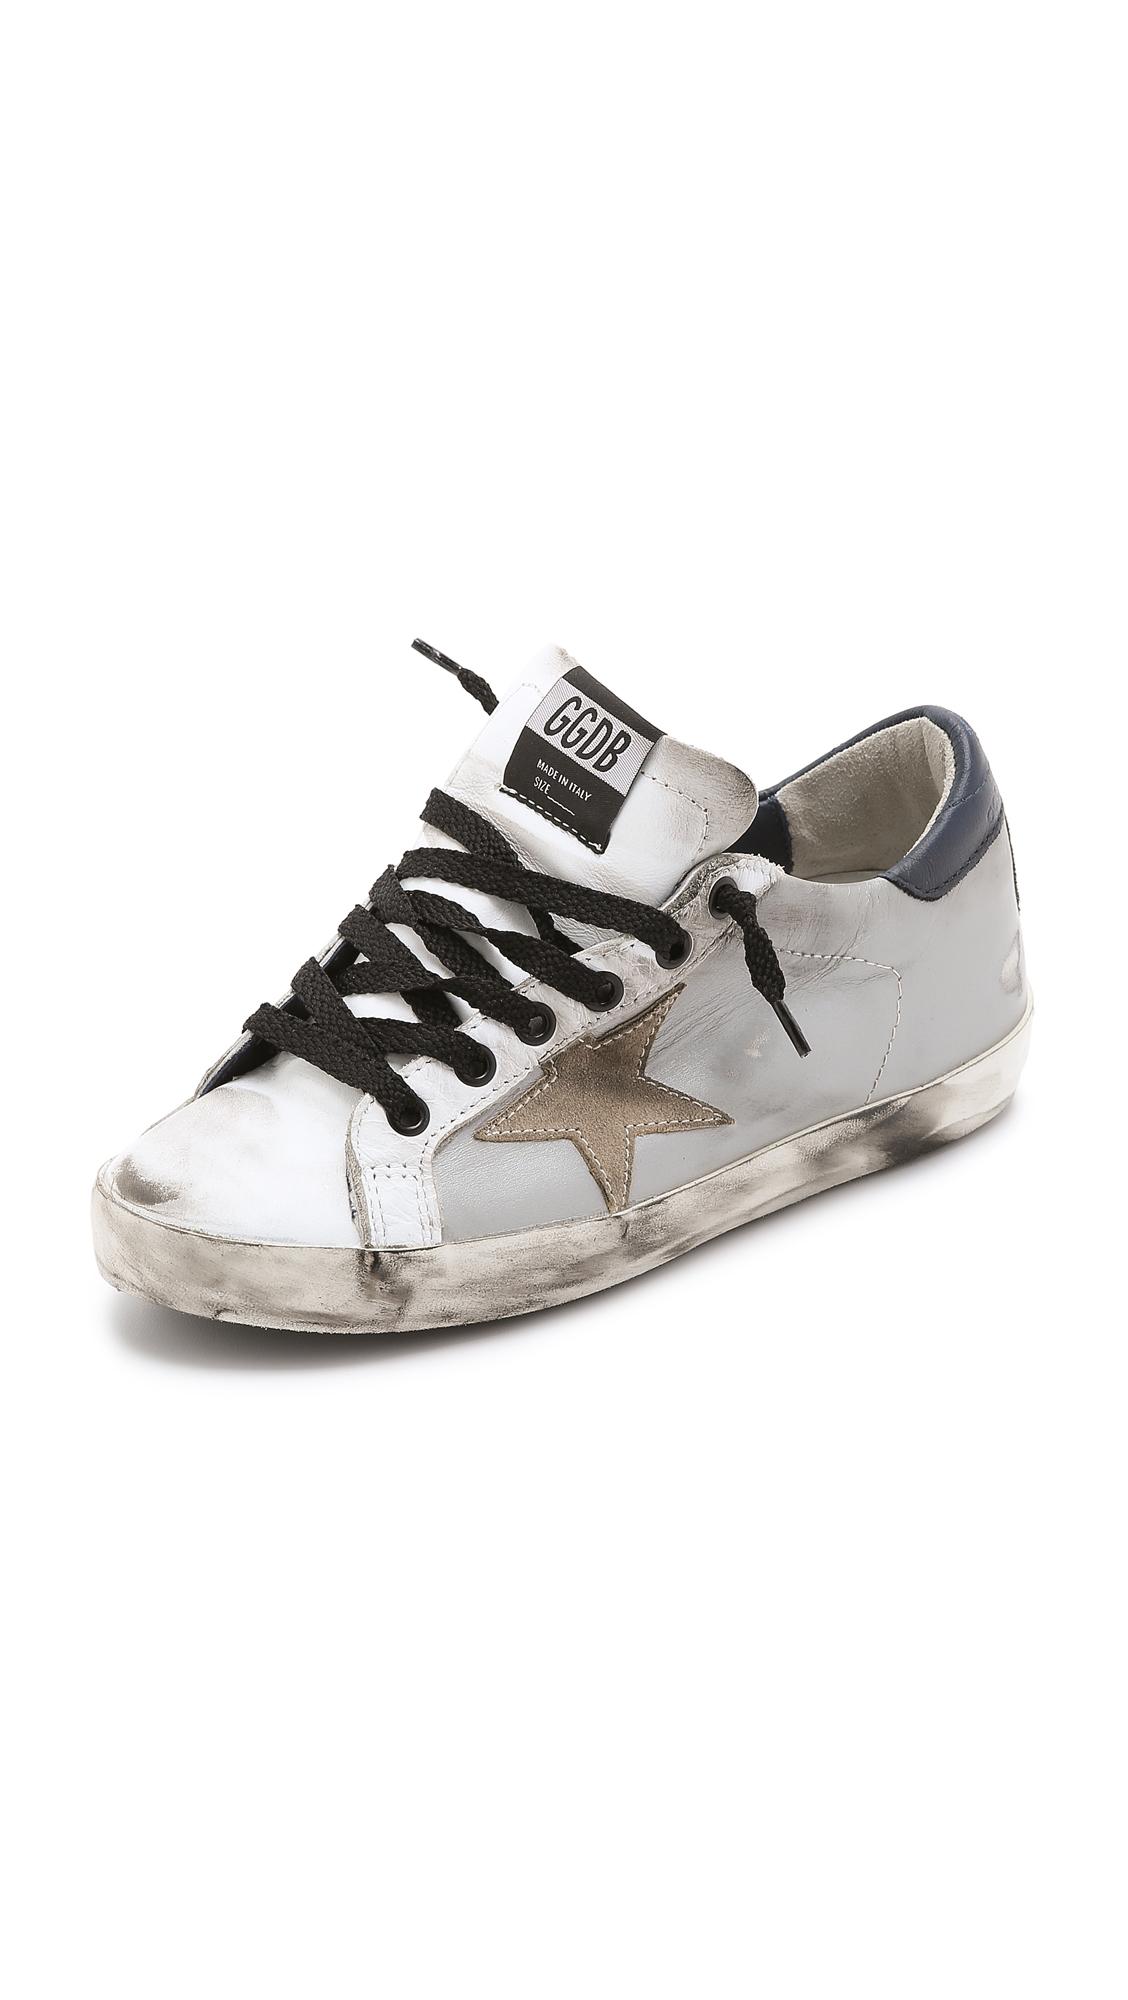 Superstar Low-Top Sneakers Golden Goose 68ggWs